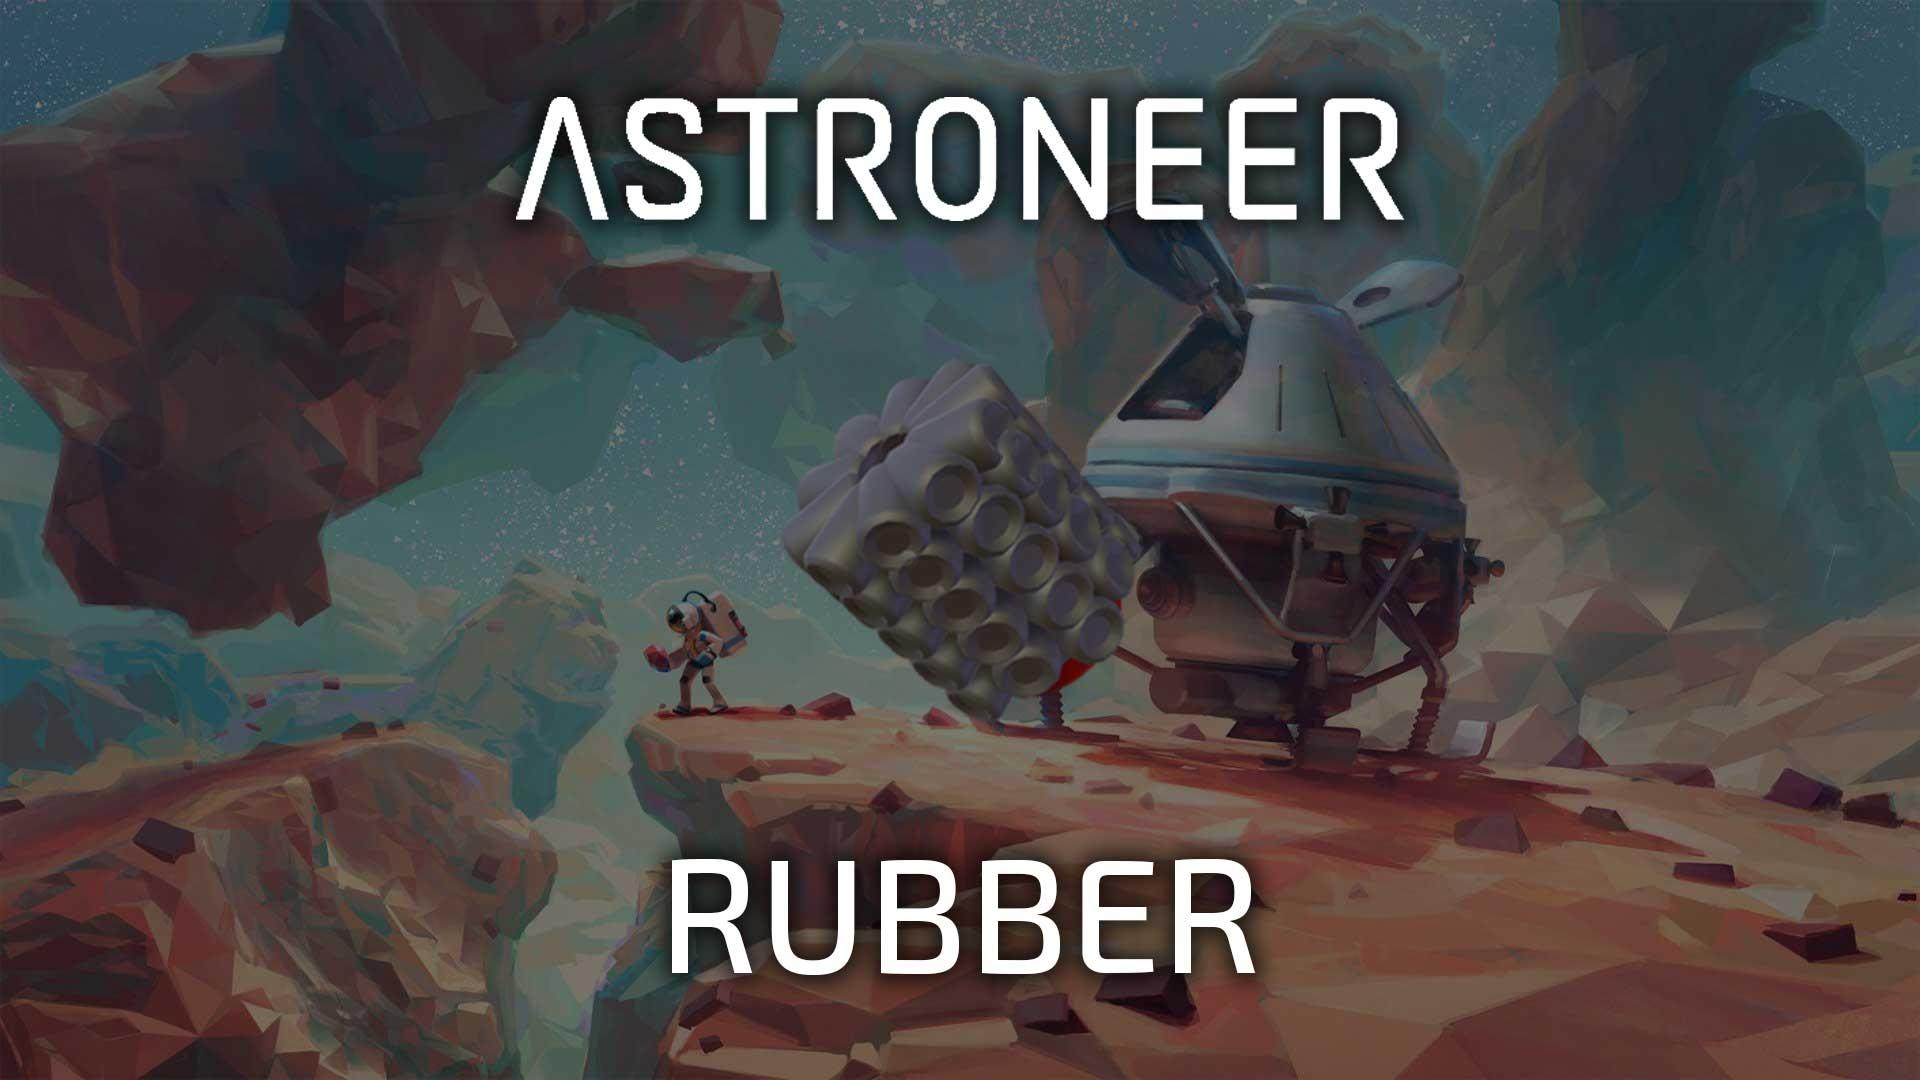 astroneer rubber